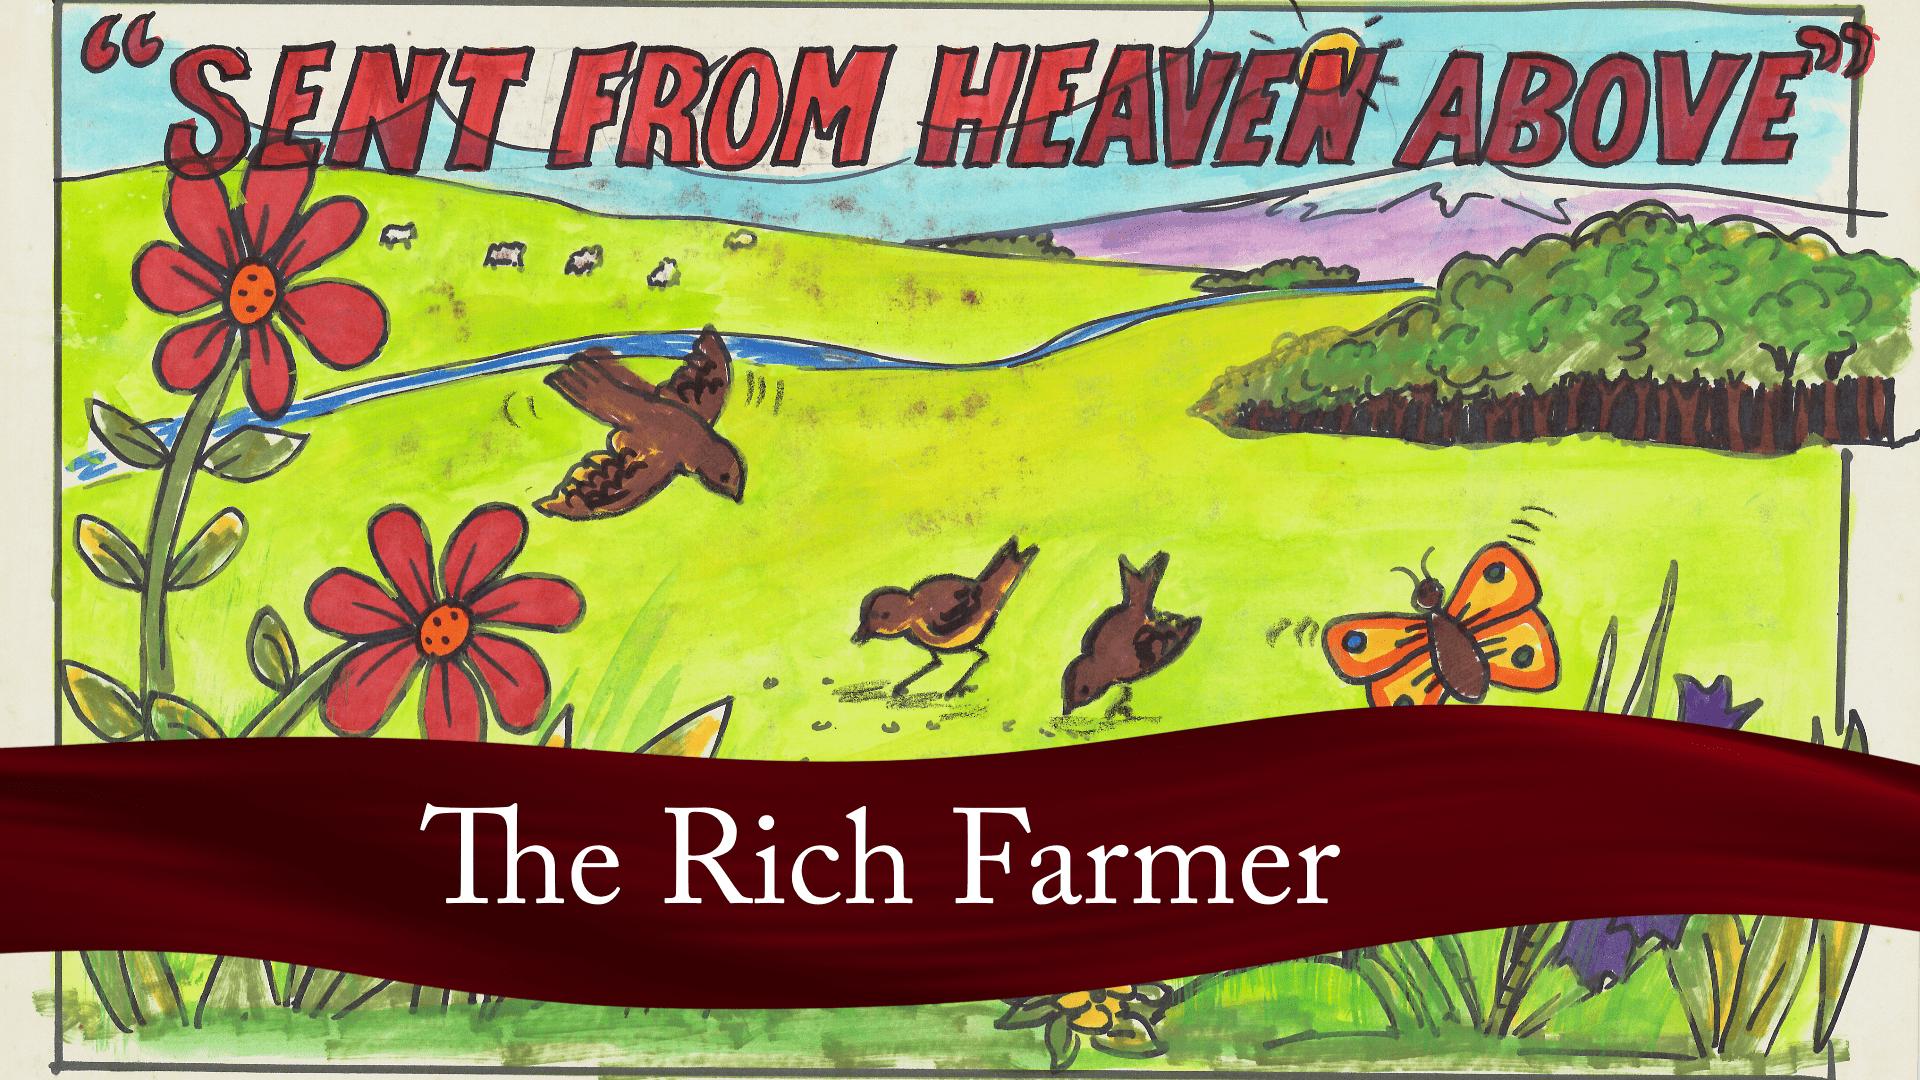 The Rich Farmer